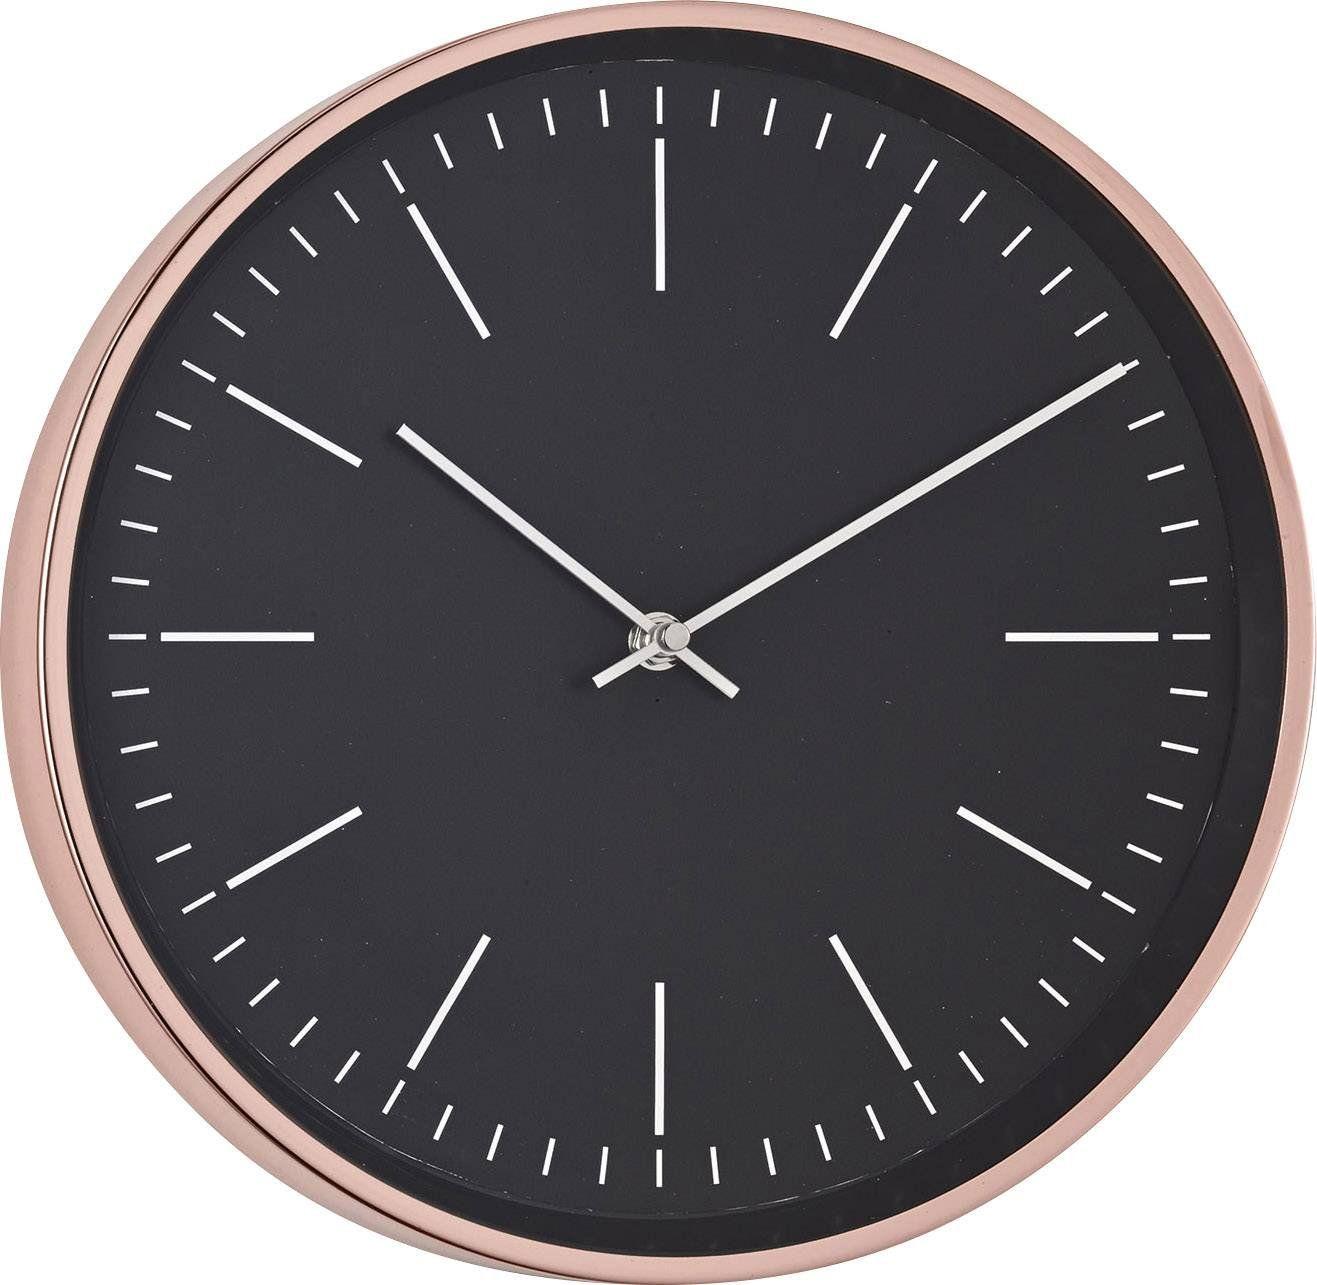 Mebus 18762 Quarz Wanduhr 30 5cm X 4 5cm Kupfer Amazon De Elektronik Wanduhren Uhren Kupfer